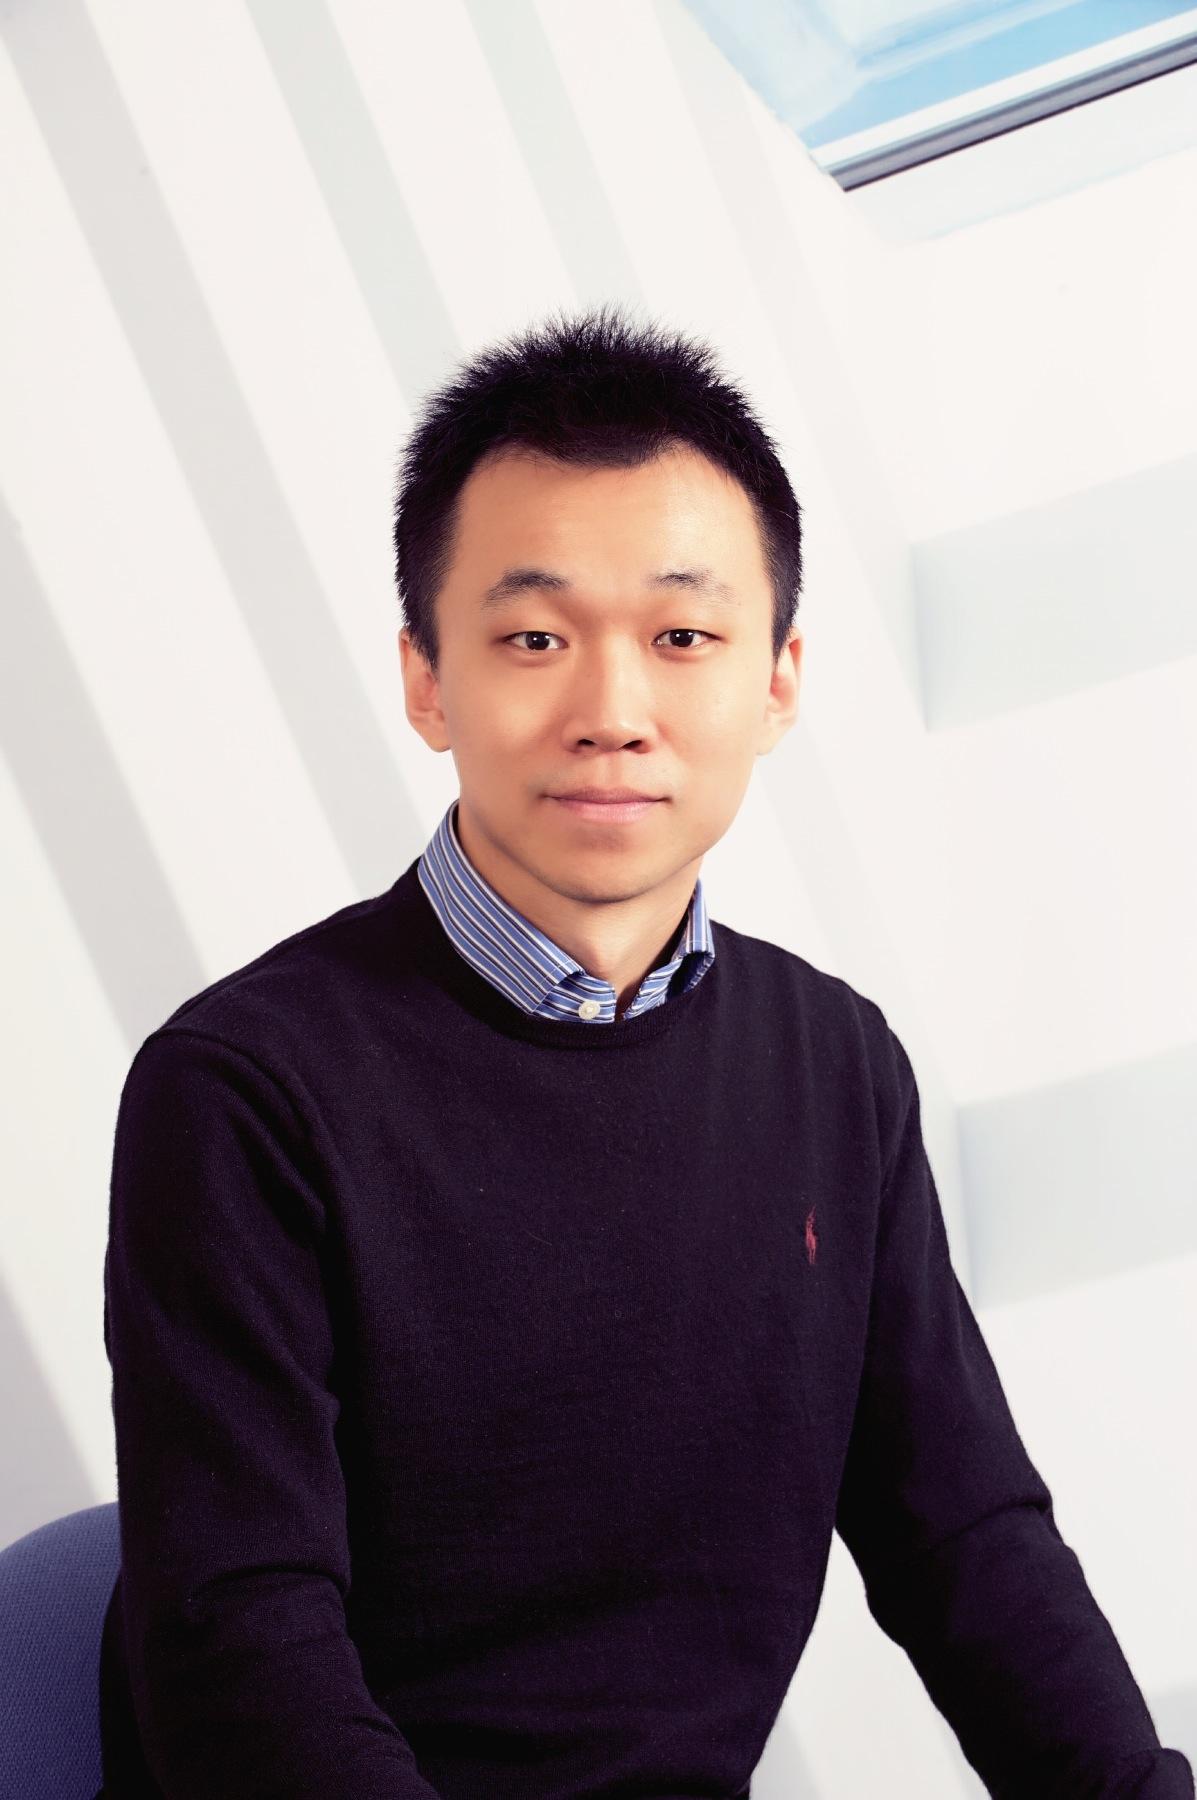 Shangtong Yang